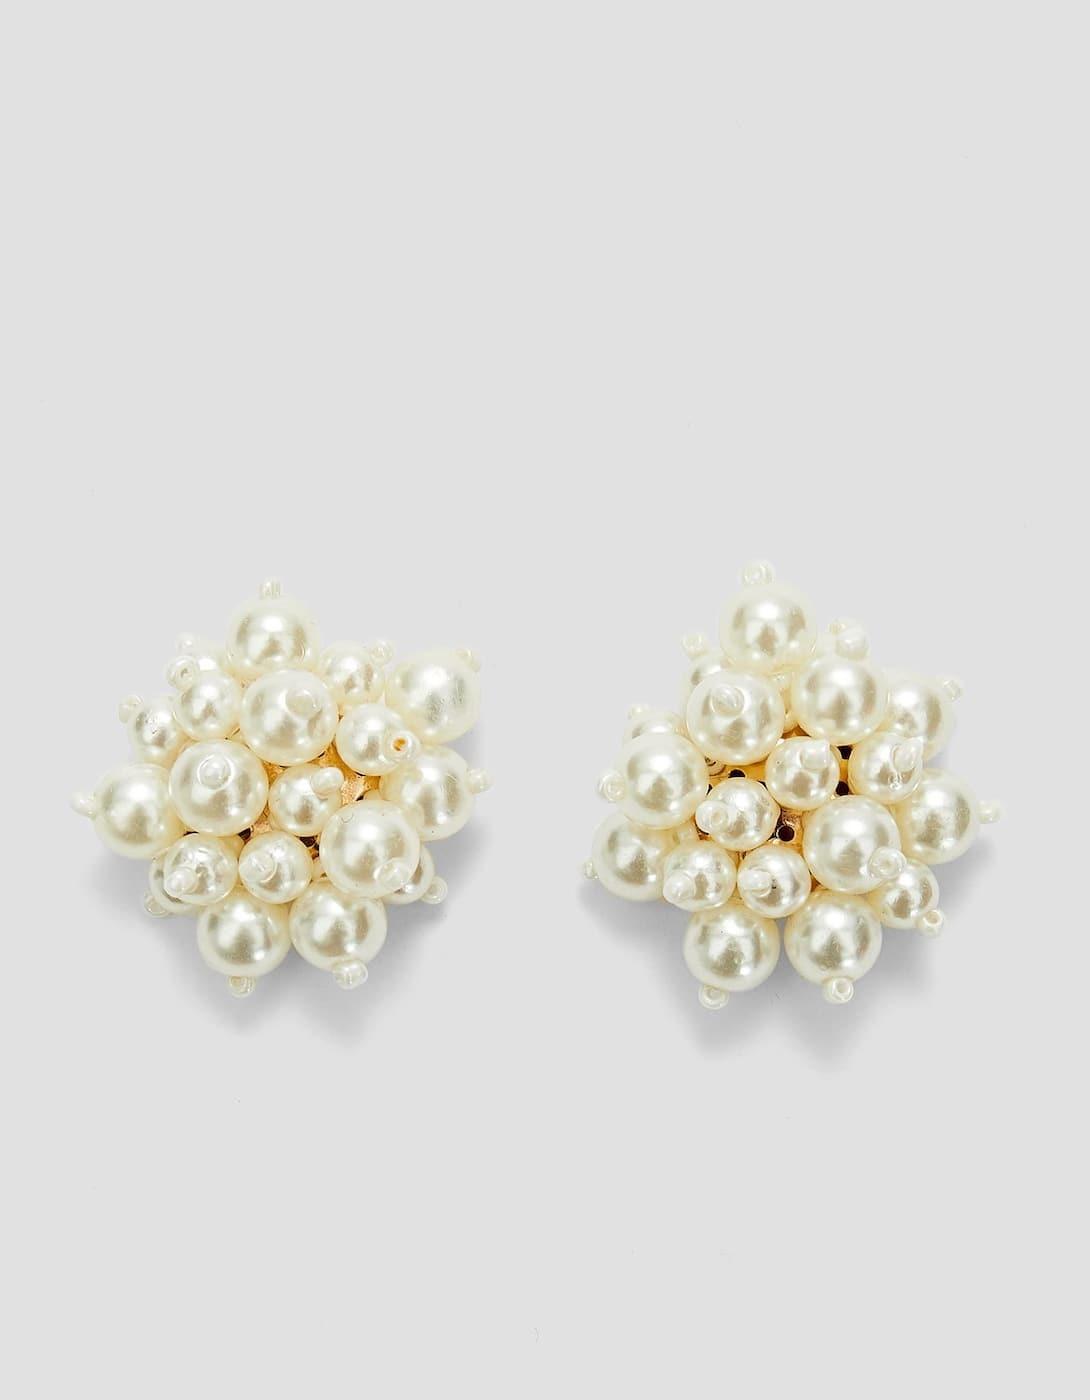 Pendientes de perlas (5,99 euros).